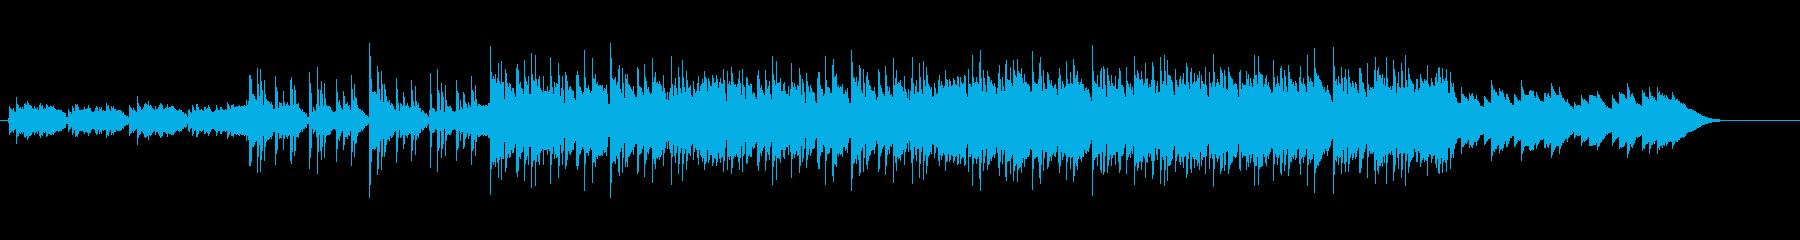 怪しい ハロウィン ホラー メタル調の再生済みの波形